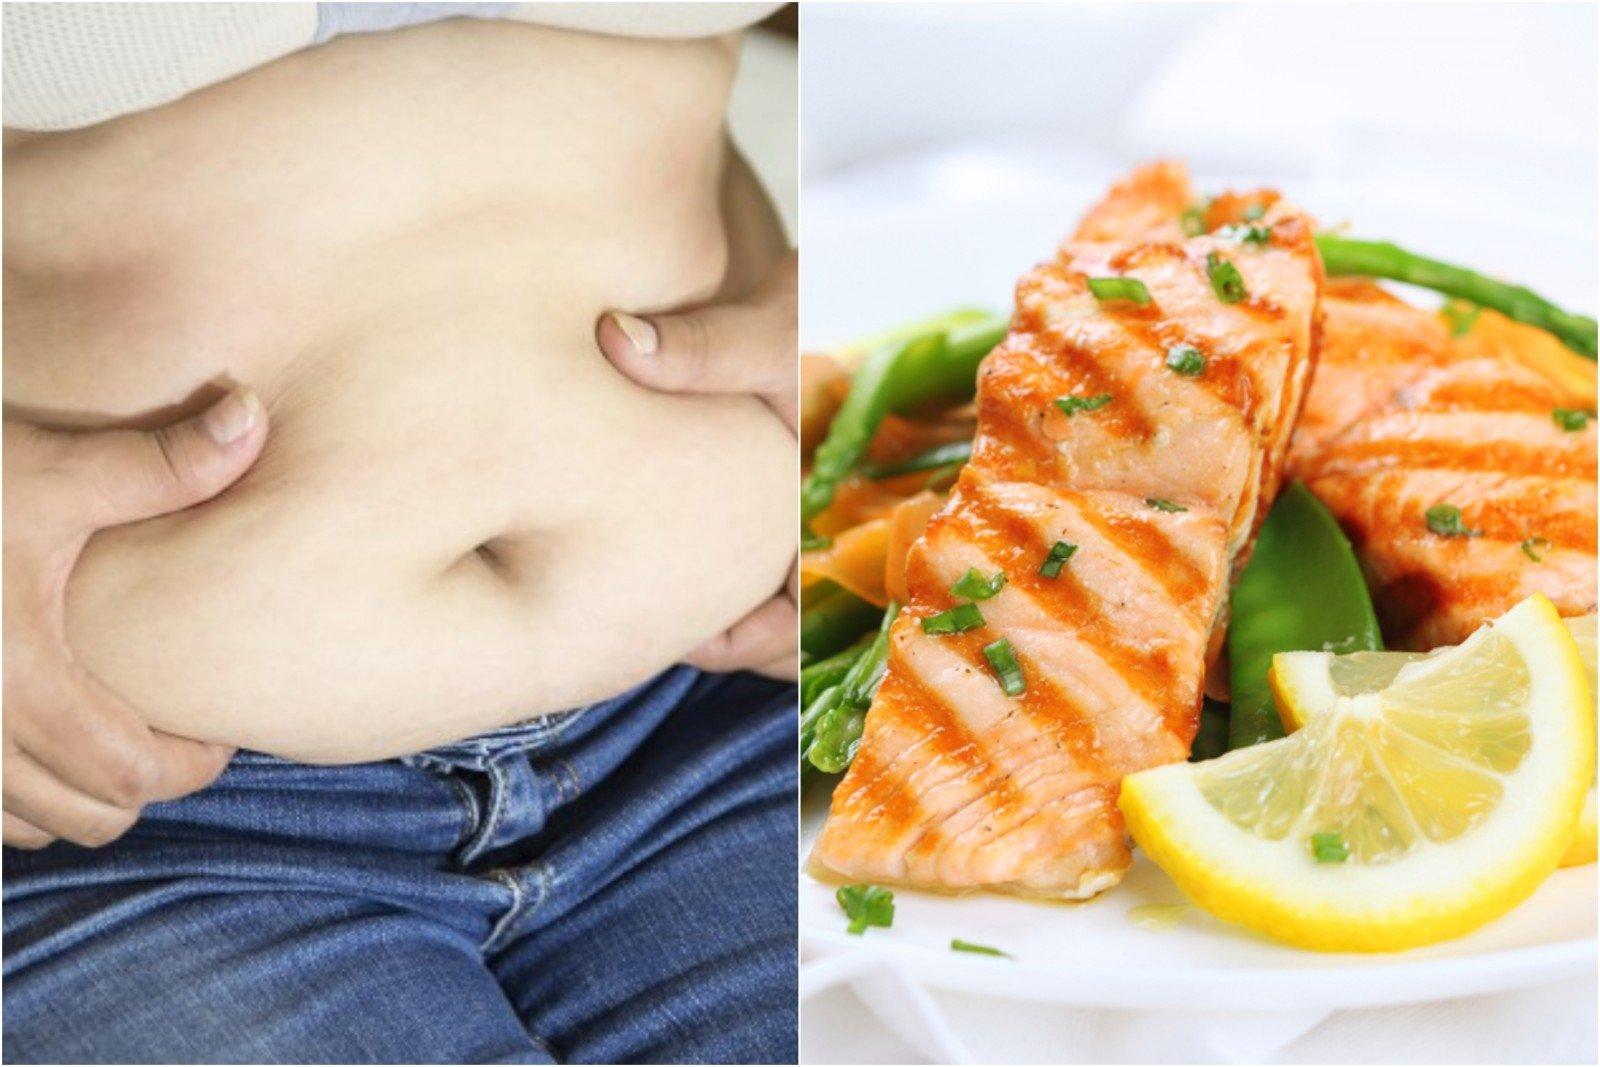 Tinkama mityba arterinėje hipertenzijoje - Širdies priepuolis November